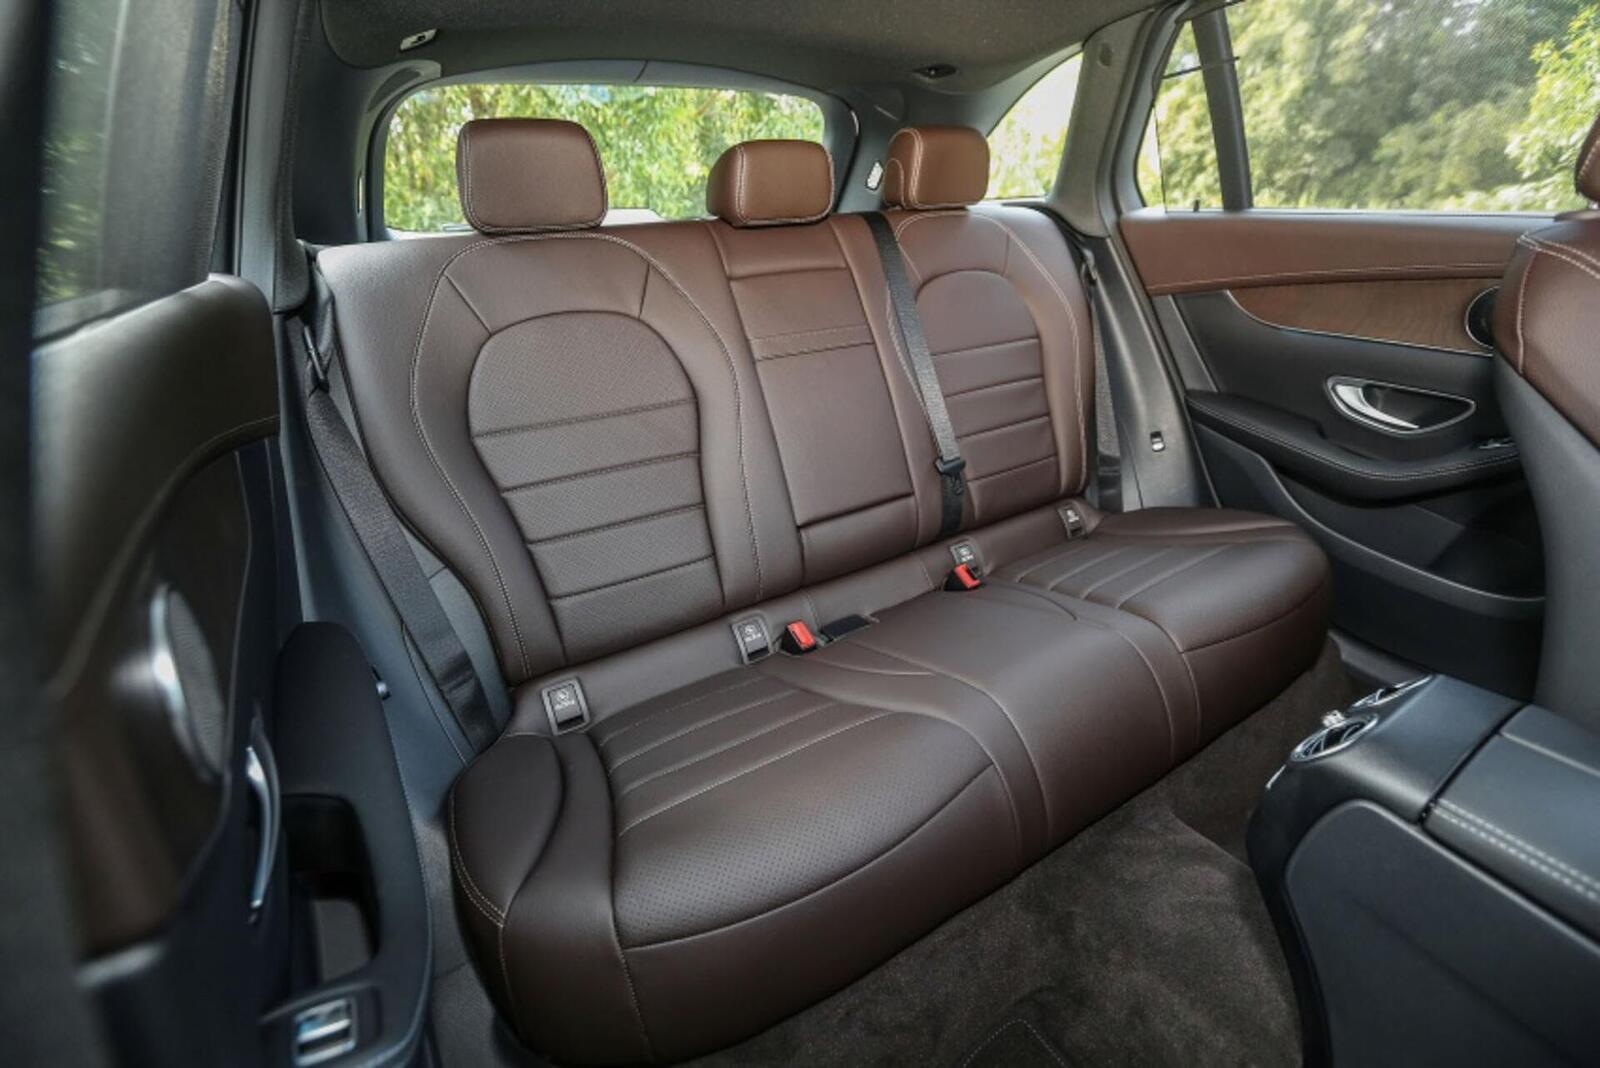 Mercedes-Benz GLC 200 có thể sẽ về Việt Nam với giá rẻ hơn - Hình 16